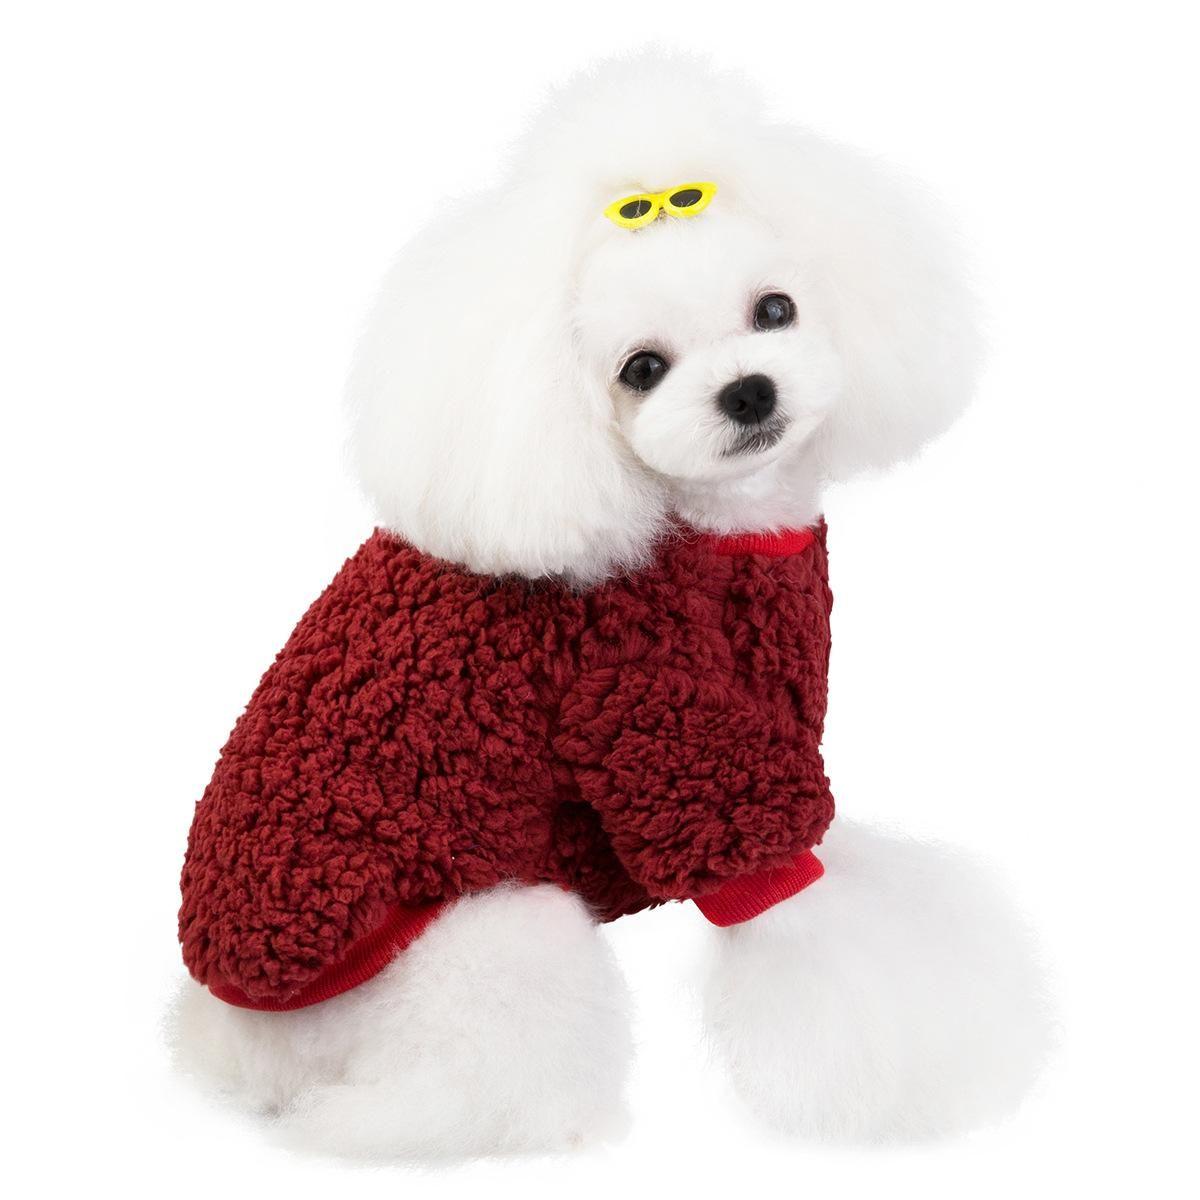 Симпатичные полосатые четвероногие одежды любимчика хлопка карман пижамы пижамы хлопка домашняя кошка Тедди собака одежда осень и зима